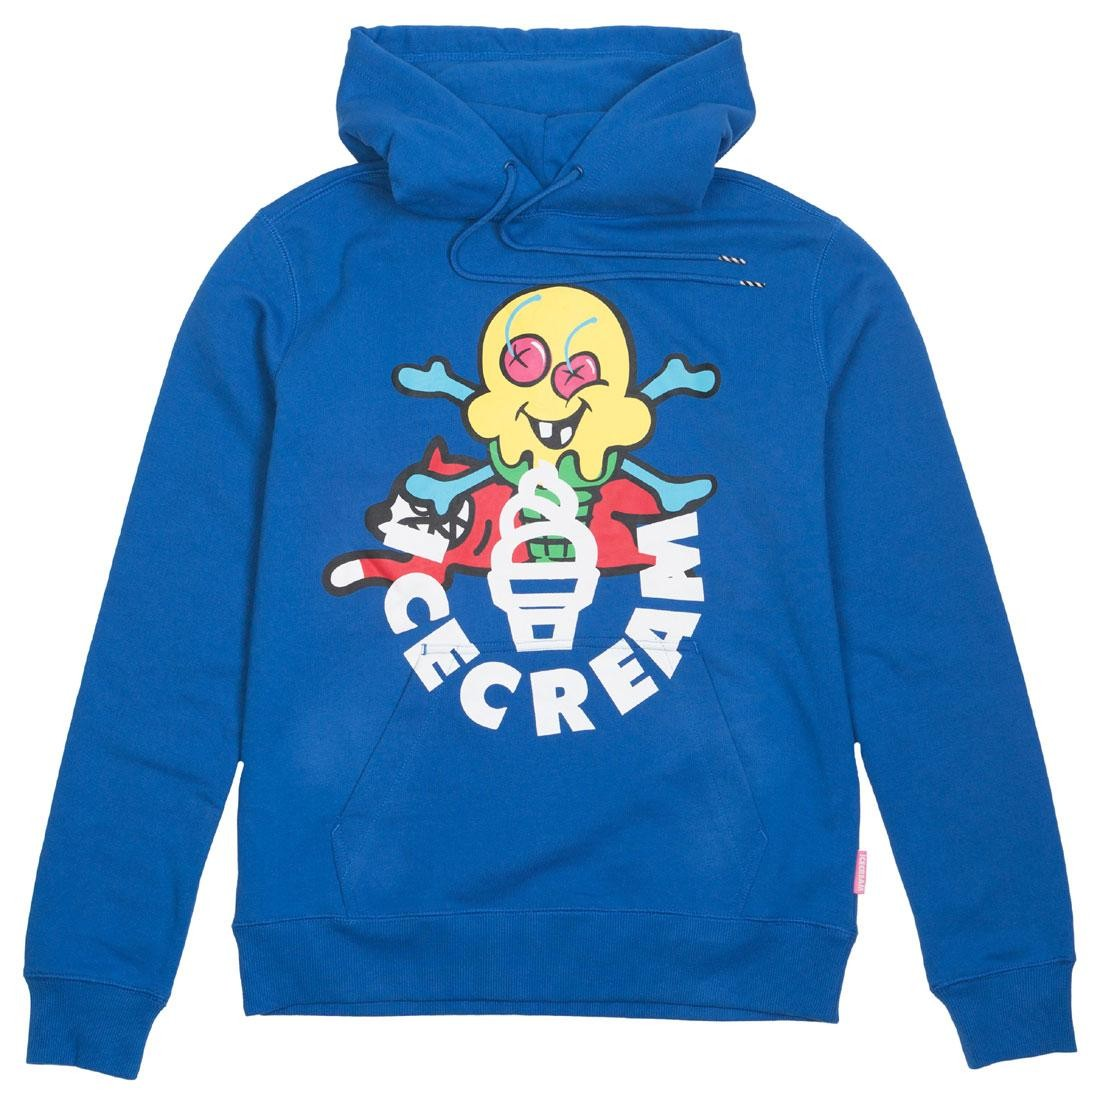 【海外限定】クリーム フーディー パーカー メンズファッション 【 ICE CREAM MEN LICORICE HOODY BLUE 】